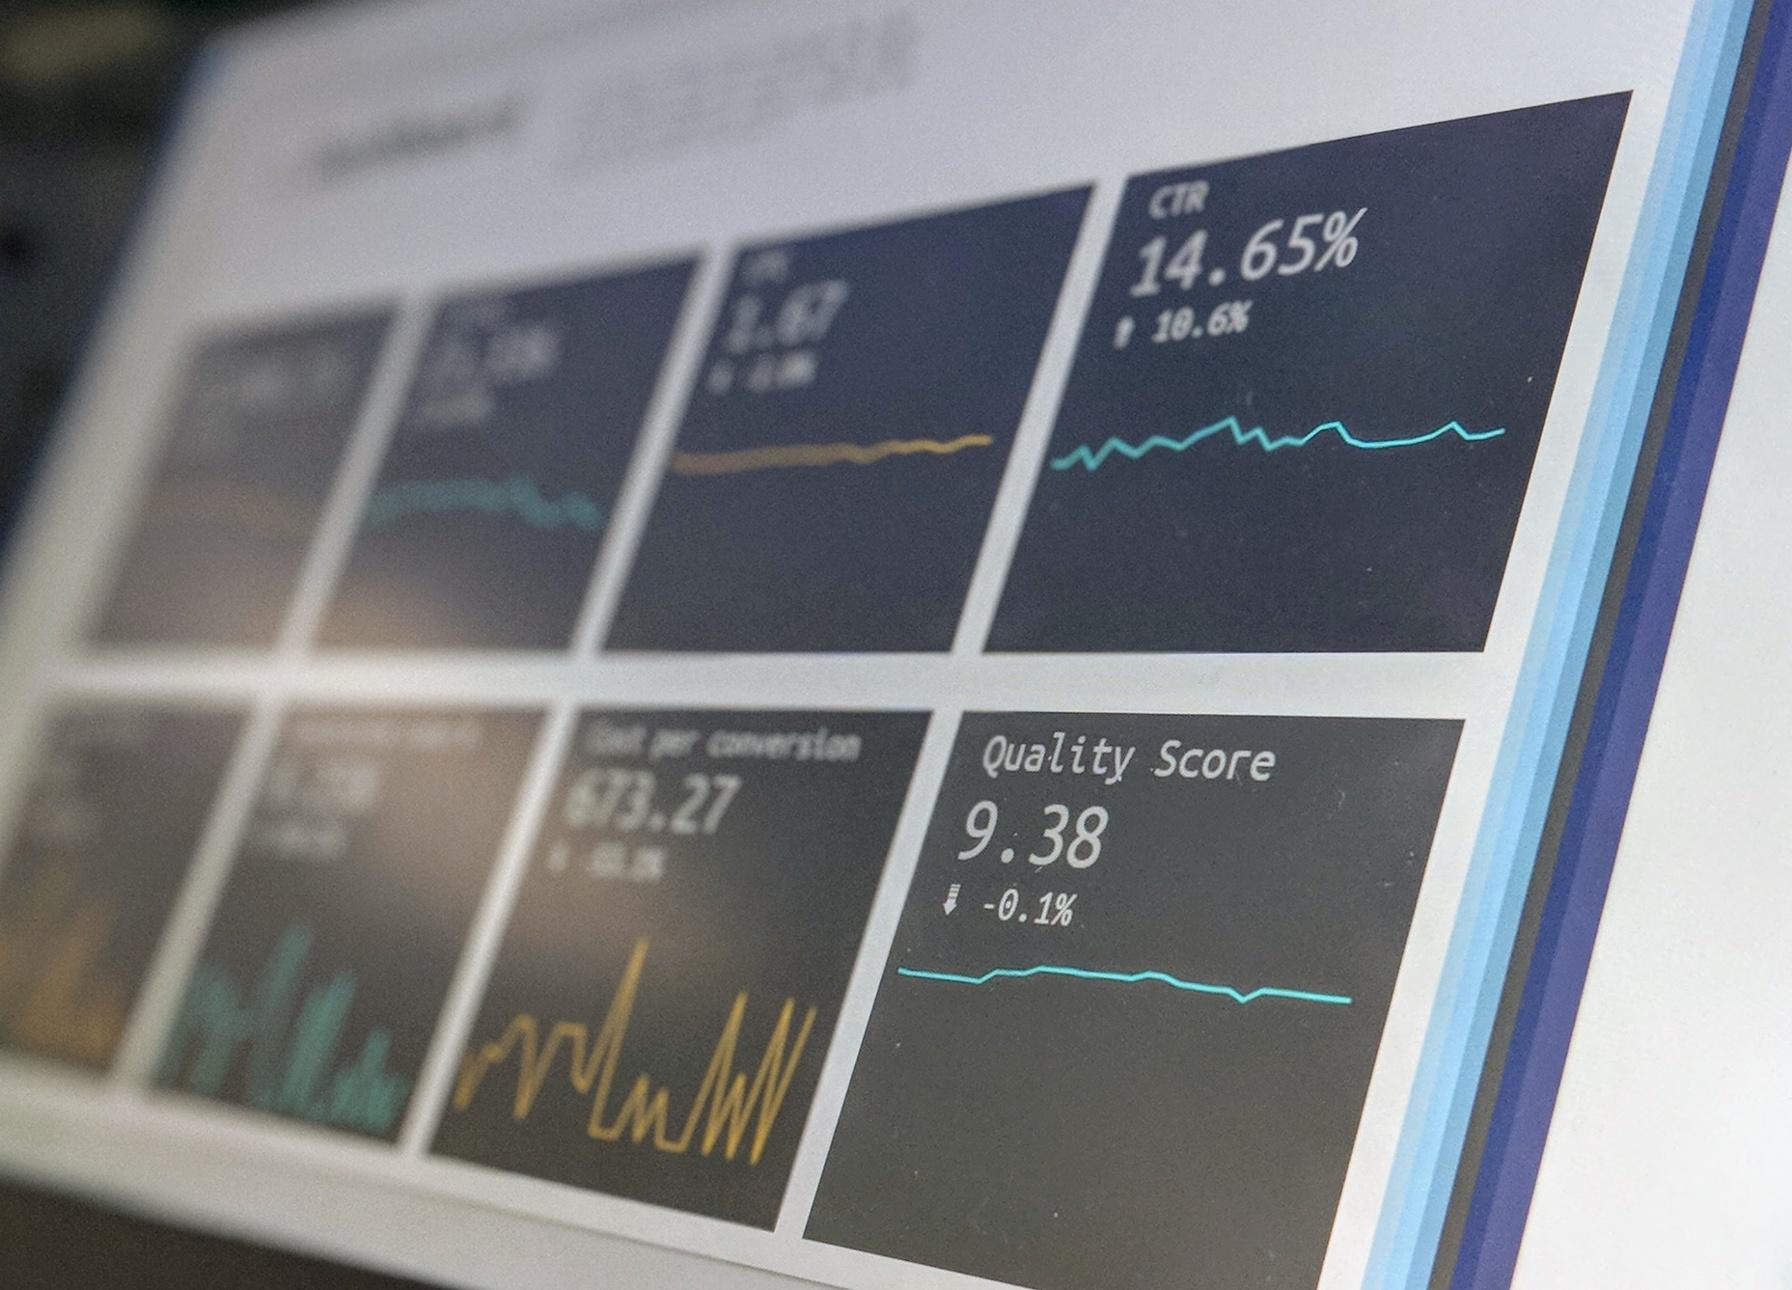 Wertvollere Kunden-Insights durch Daten und KI_cmm360_Photo by Stephen Dawson on Unsplash